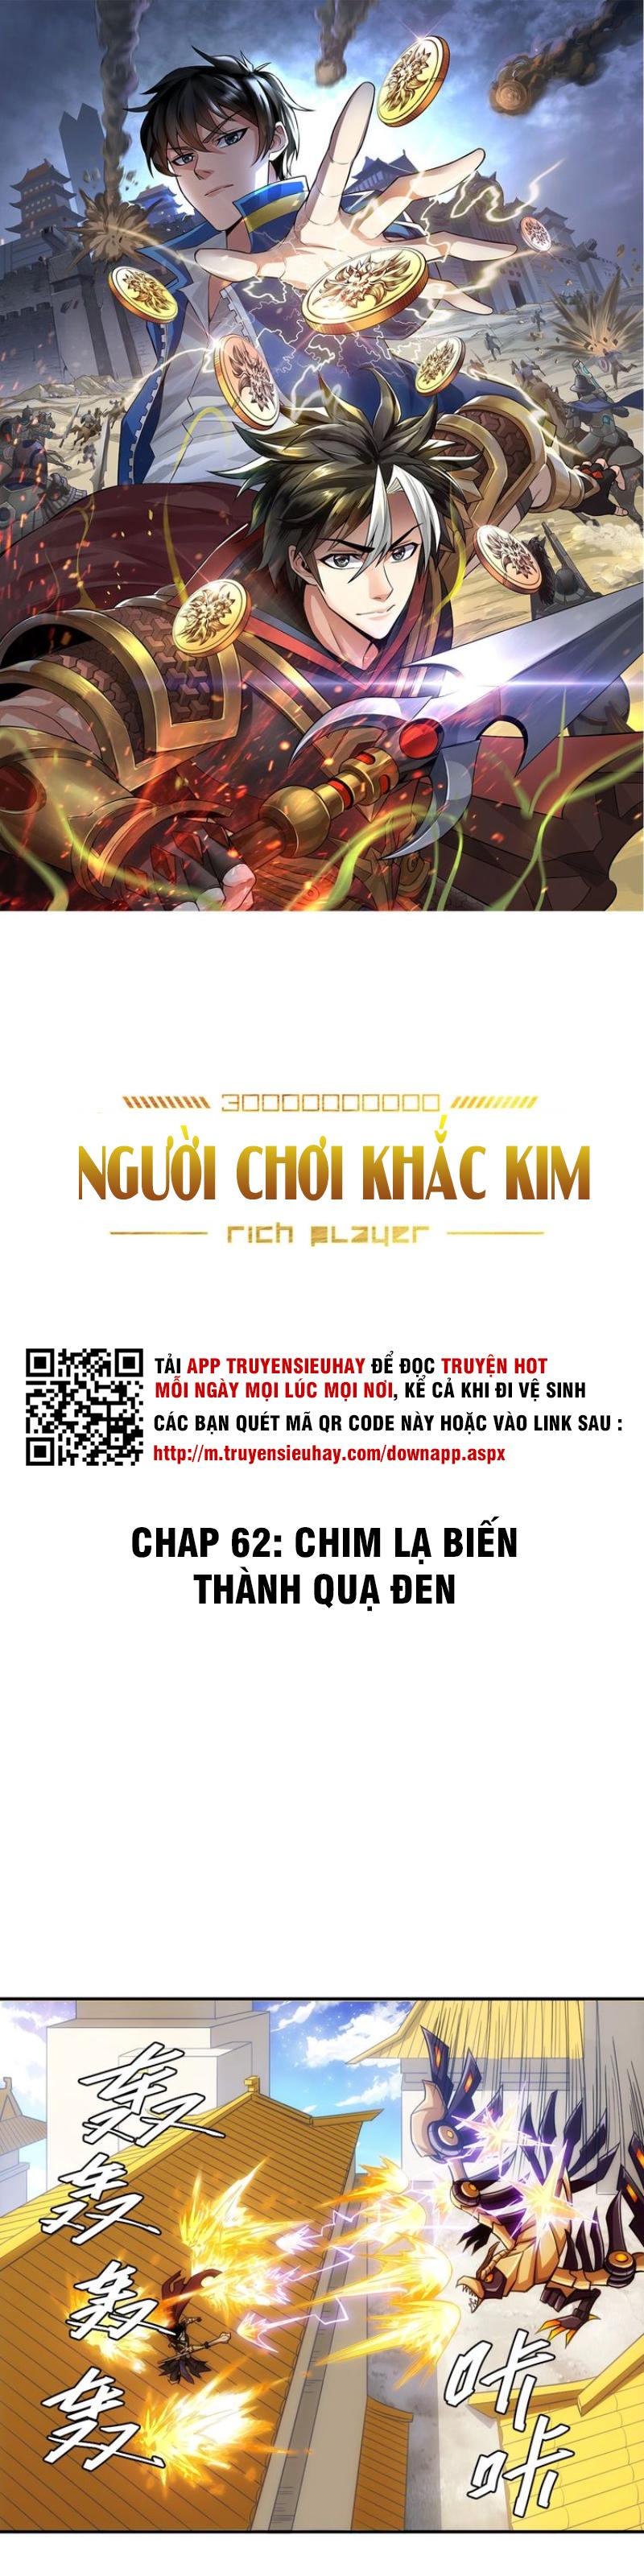 Rich Player - Người Chơi Khắc Kim Chapter 62 video - Hamtruyen.vn